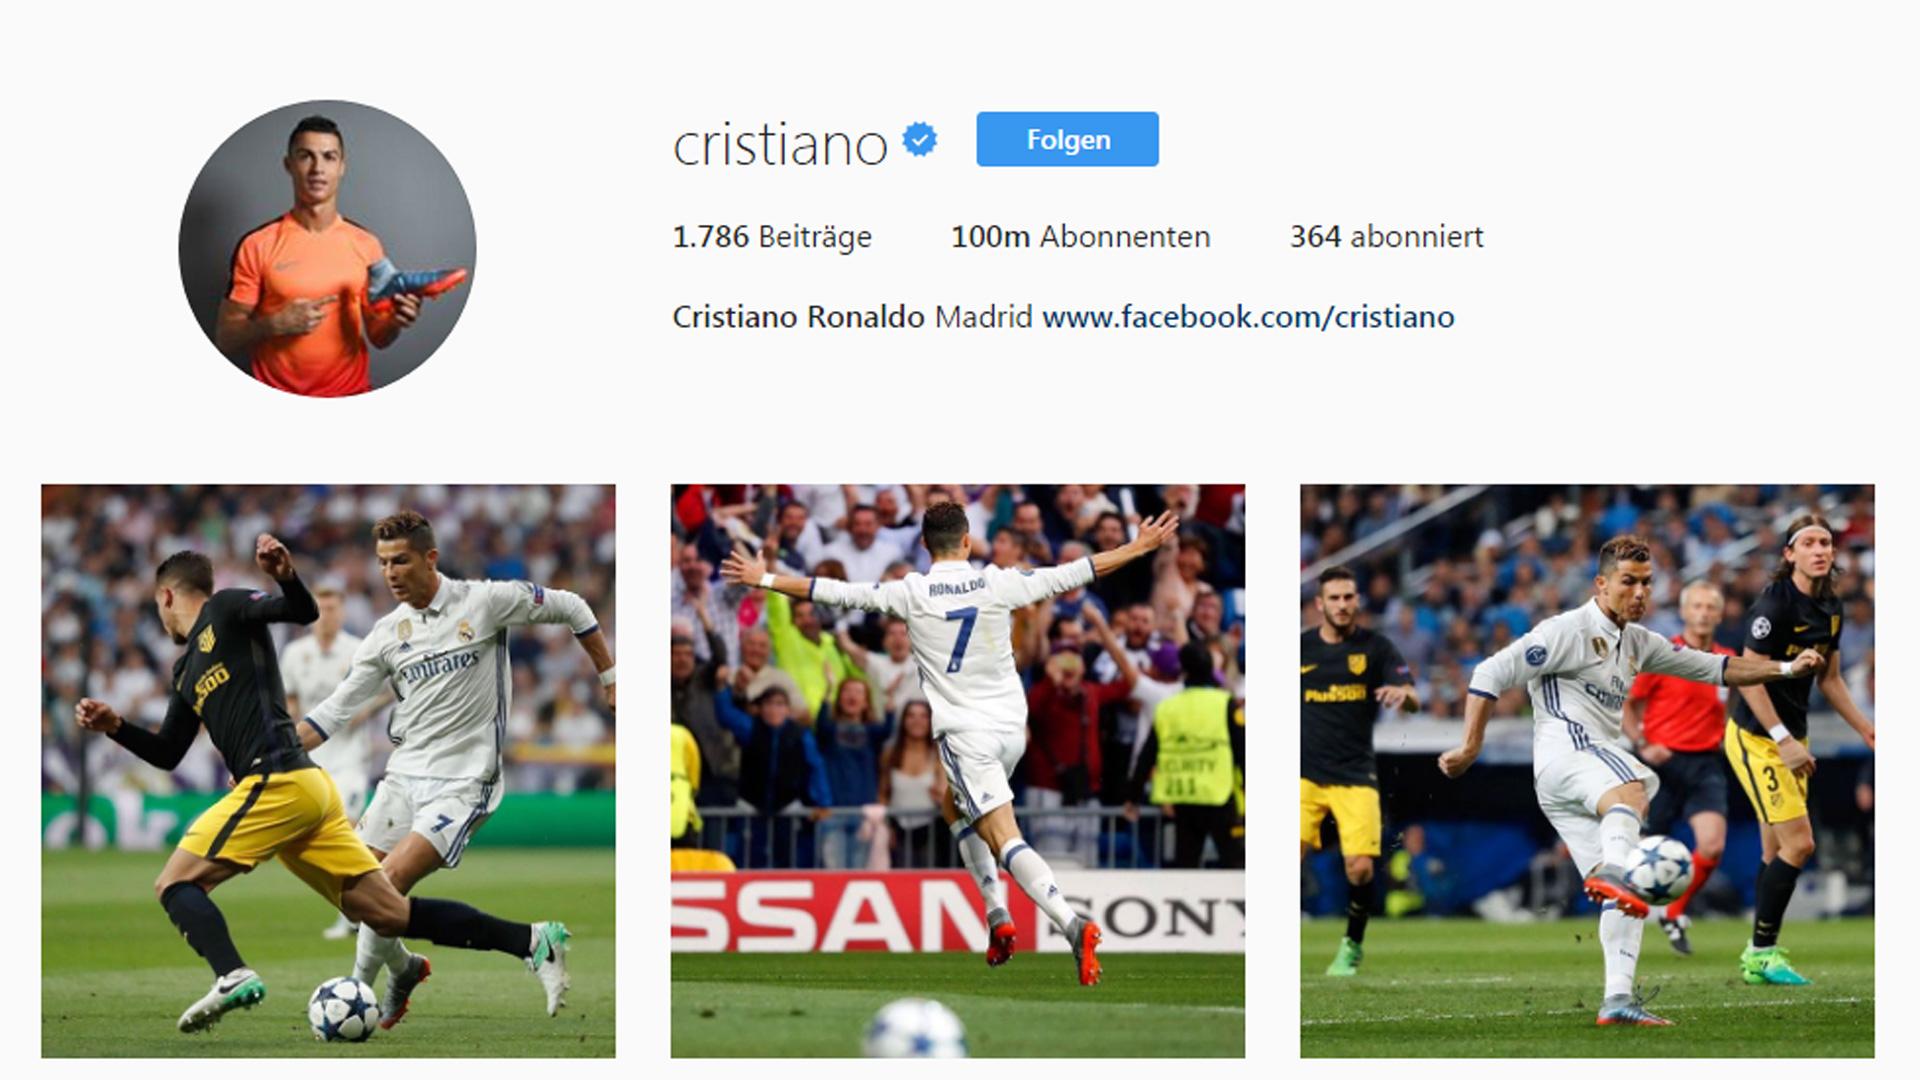 Cristiano Ronaldo Instagram Screenshot